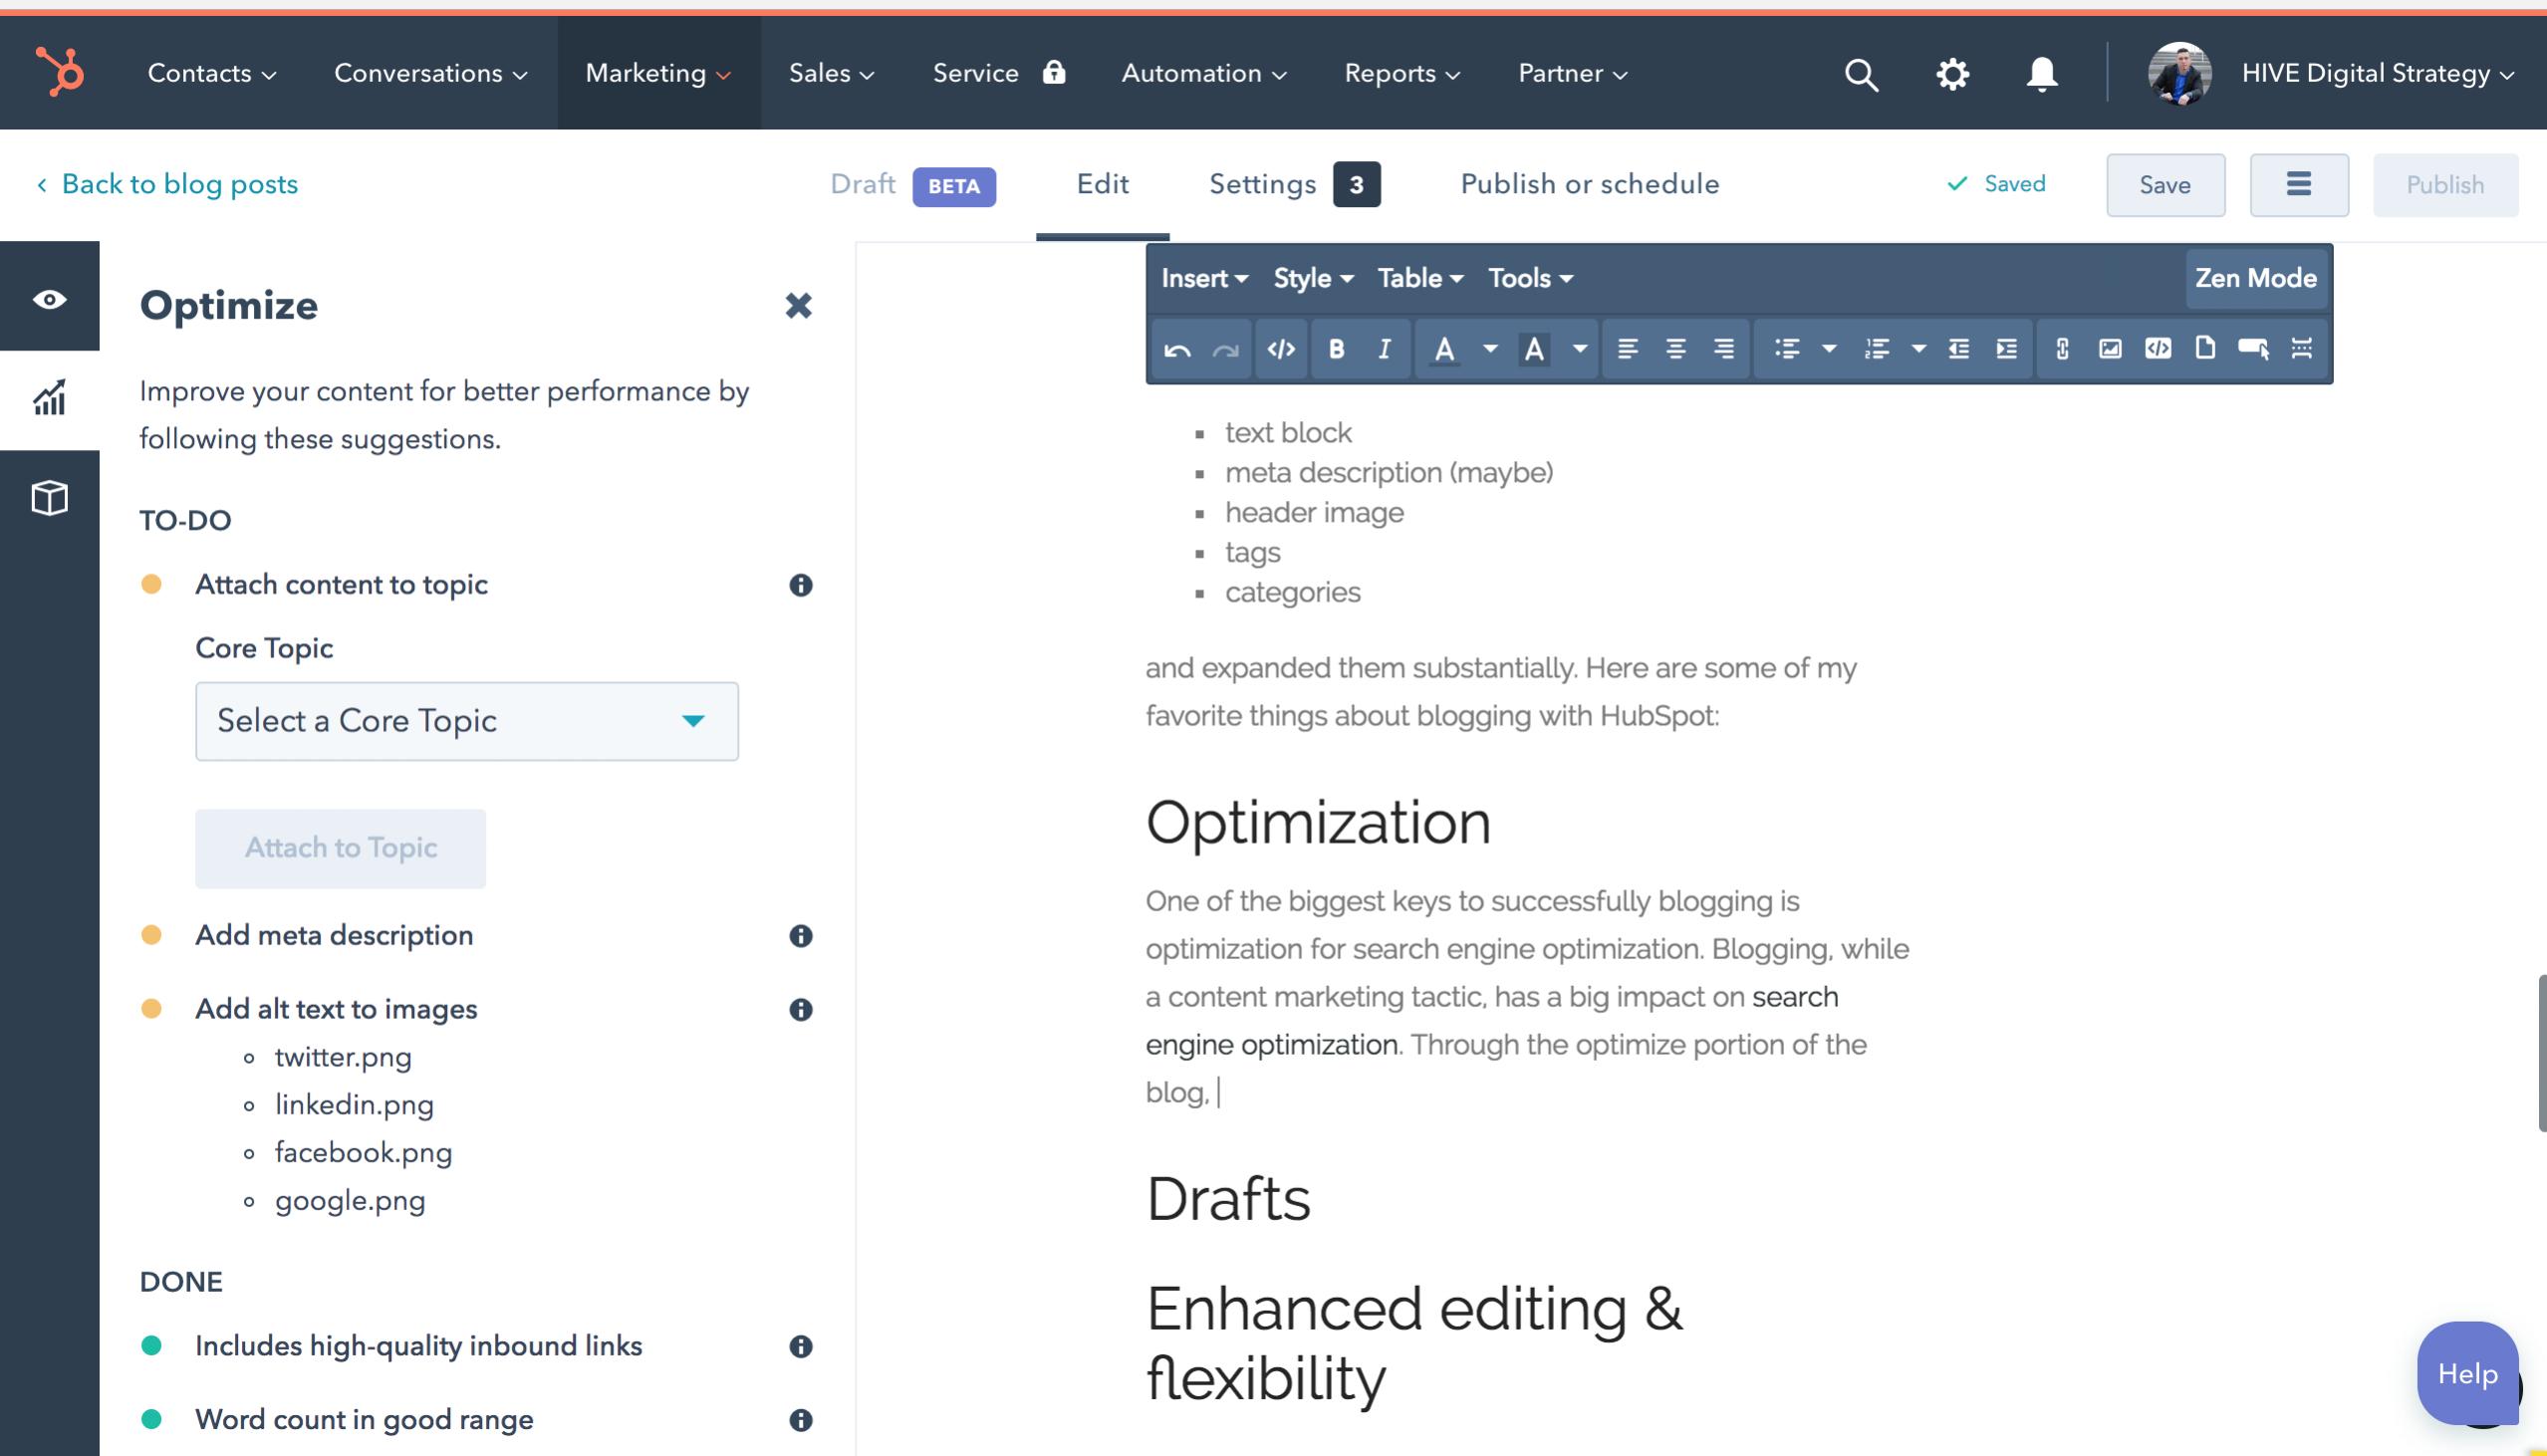 HubSpot Blog Optimization